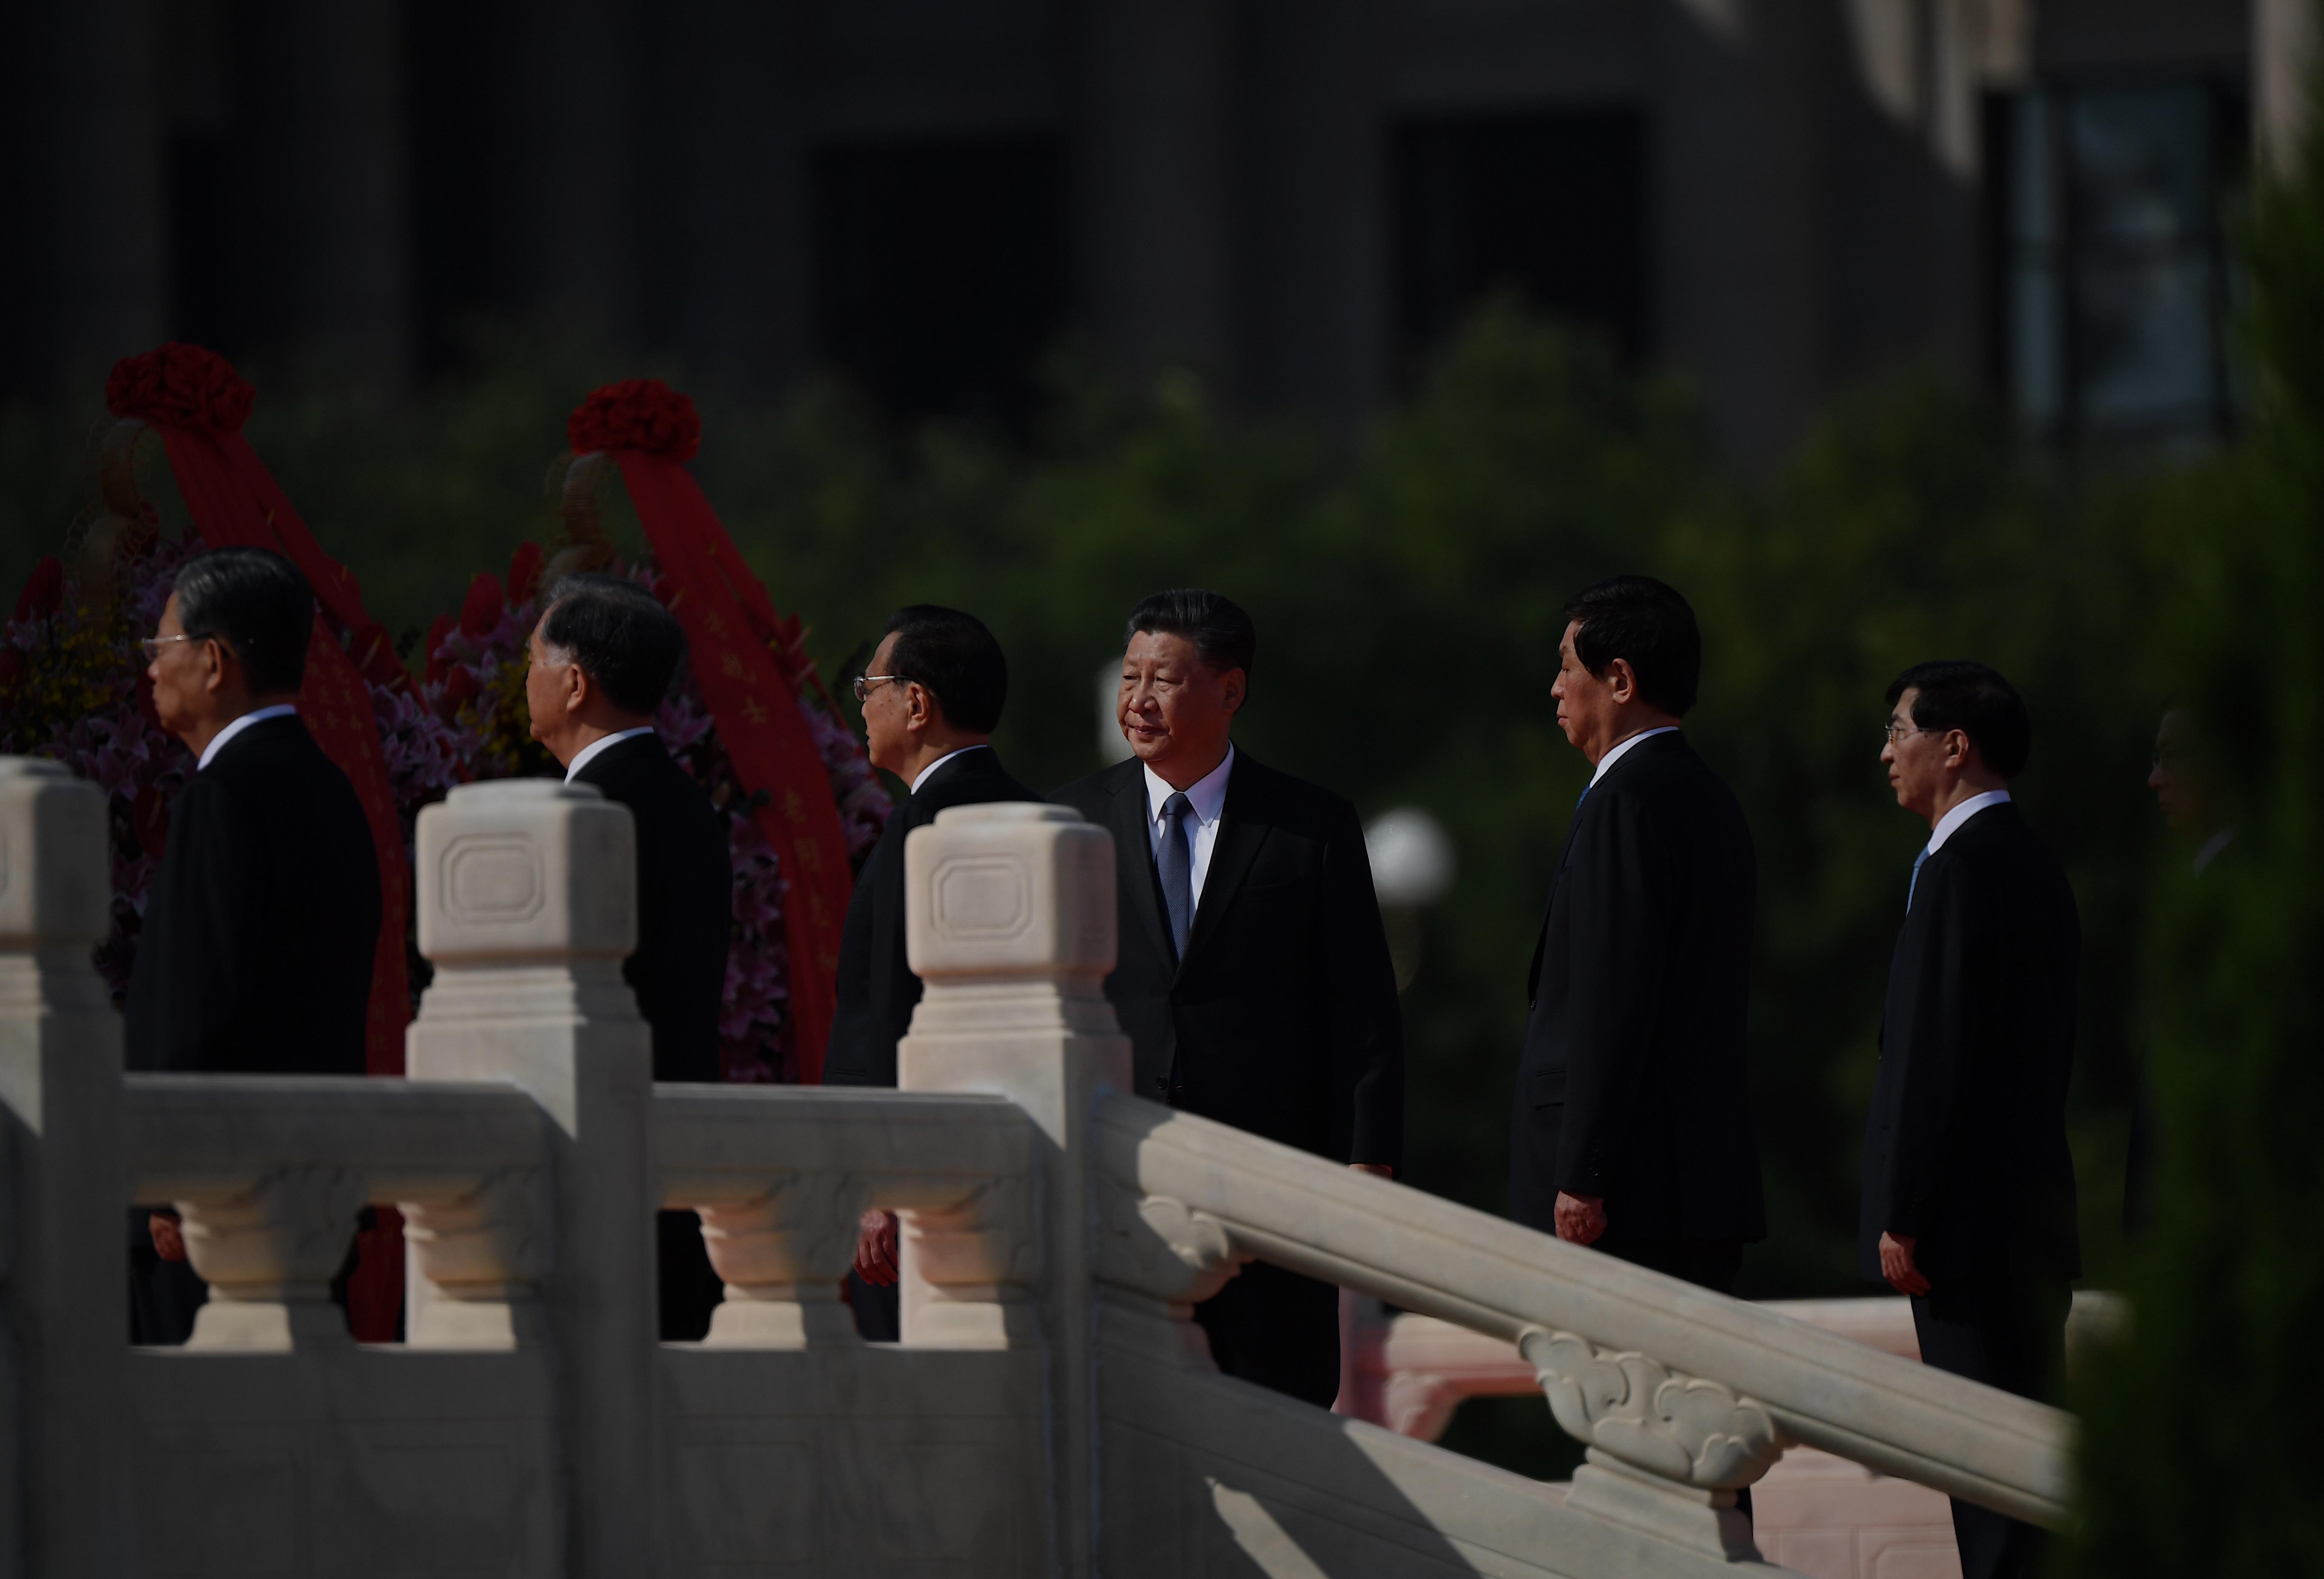 鍾原:中共政治局常委忽然再開會的蹊蹺